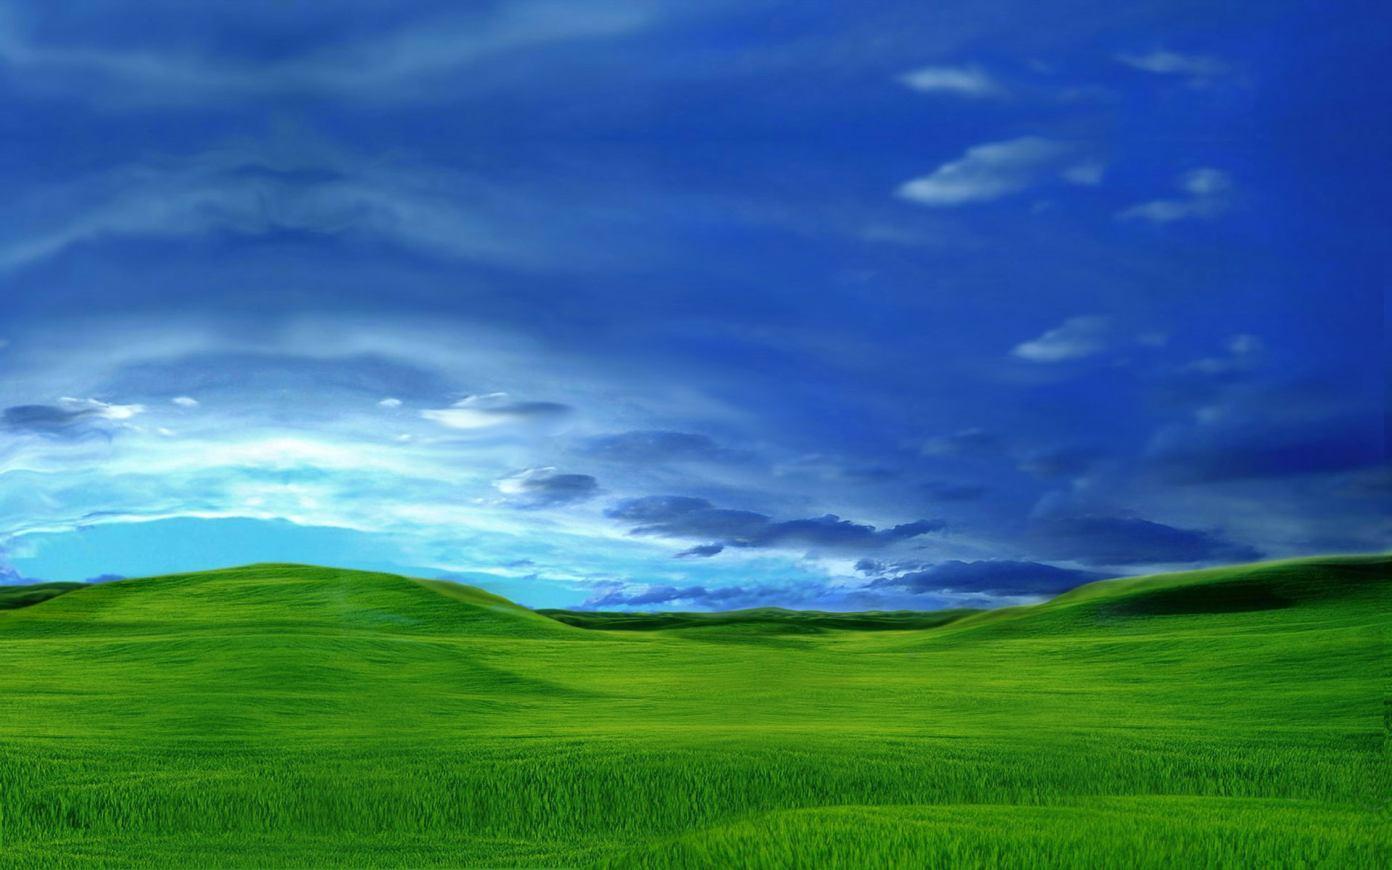 Gambar Ilalang dan Padang Rumput yang Indah